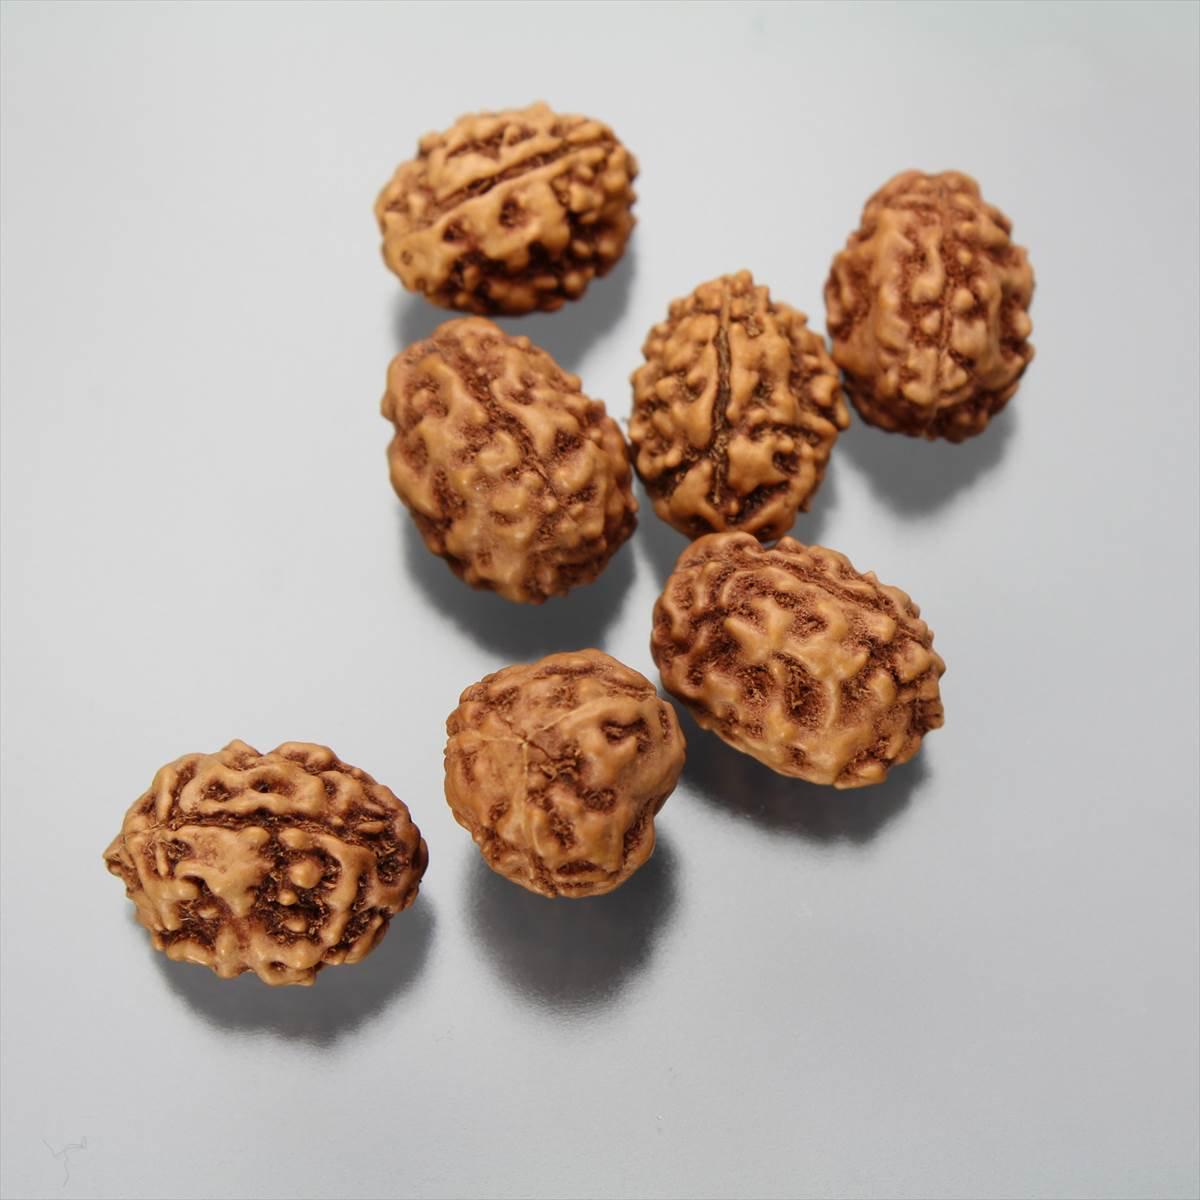 ルドラークシャ・ビーズ 3面(ジャワ産、ラージサイズ)